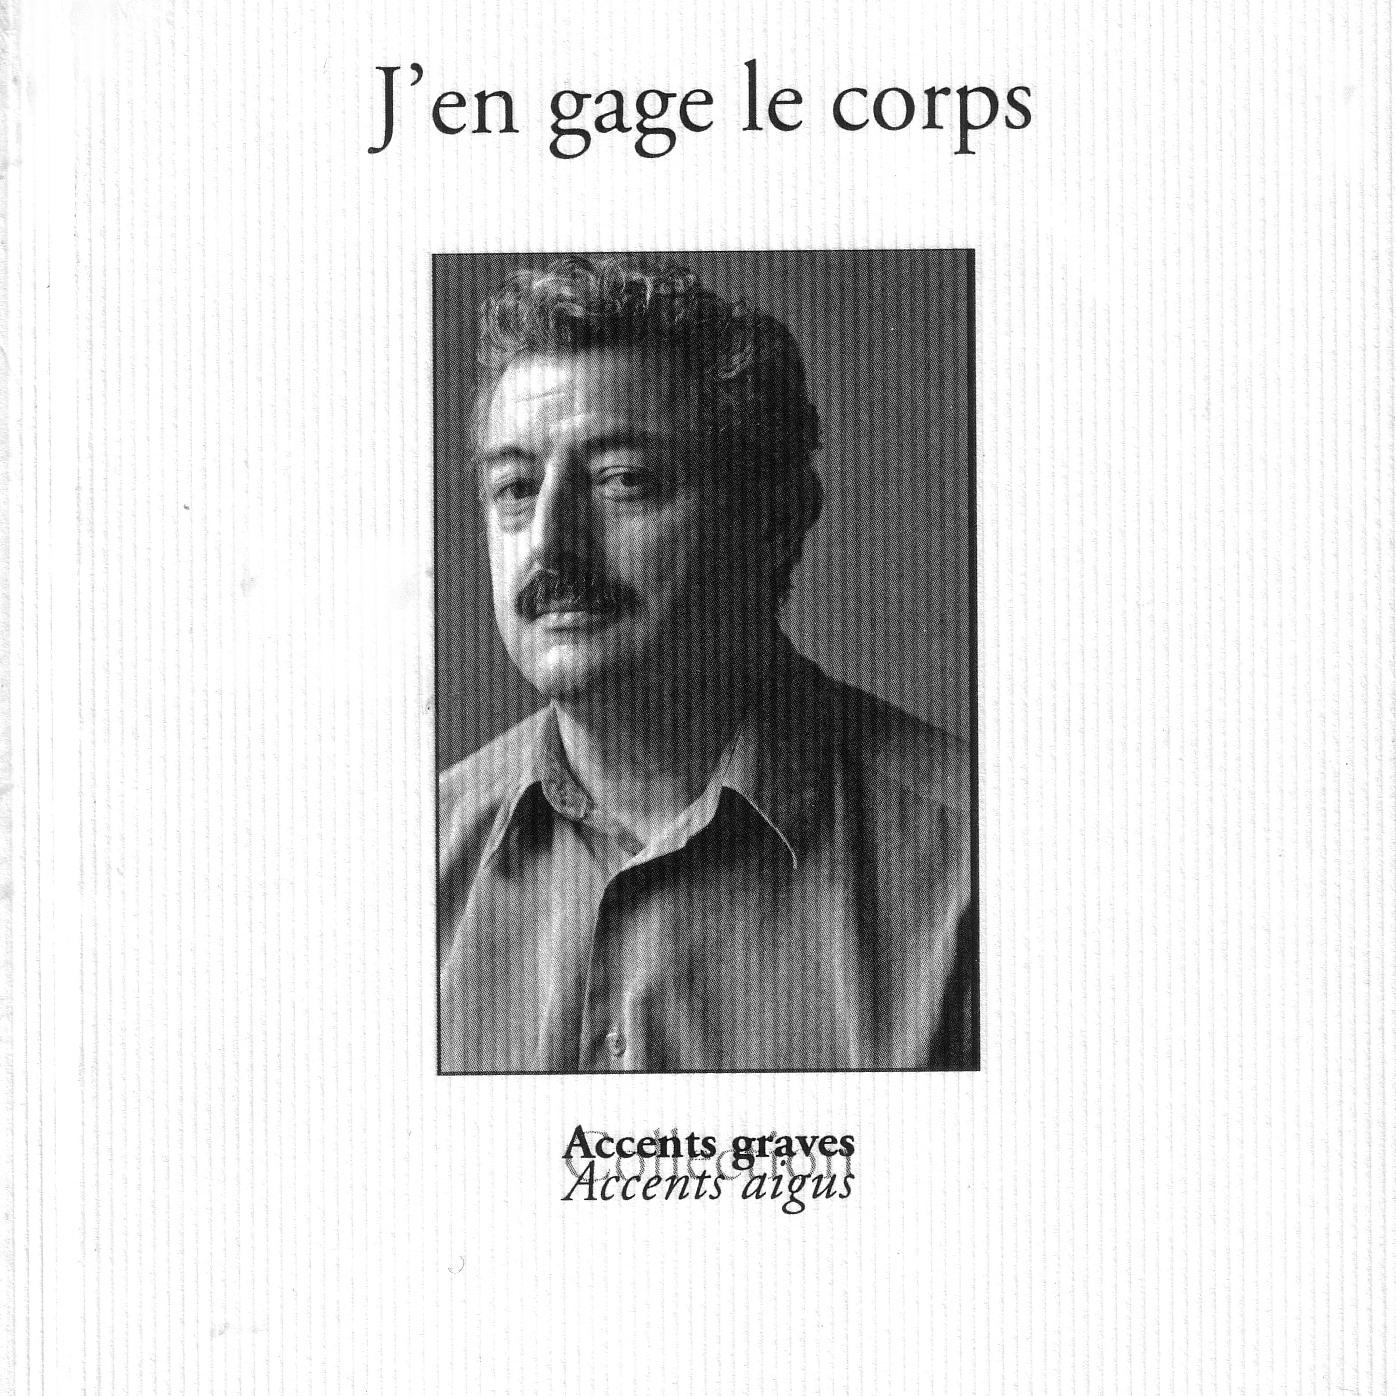 J'en gage le corps - 2011 - Editions de l'Amandier - 13 €